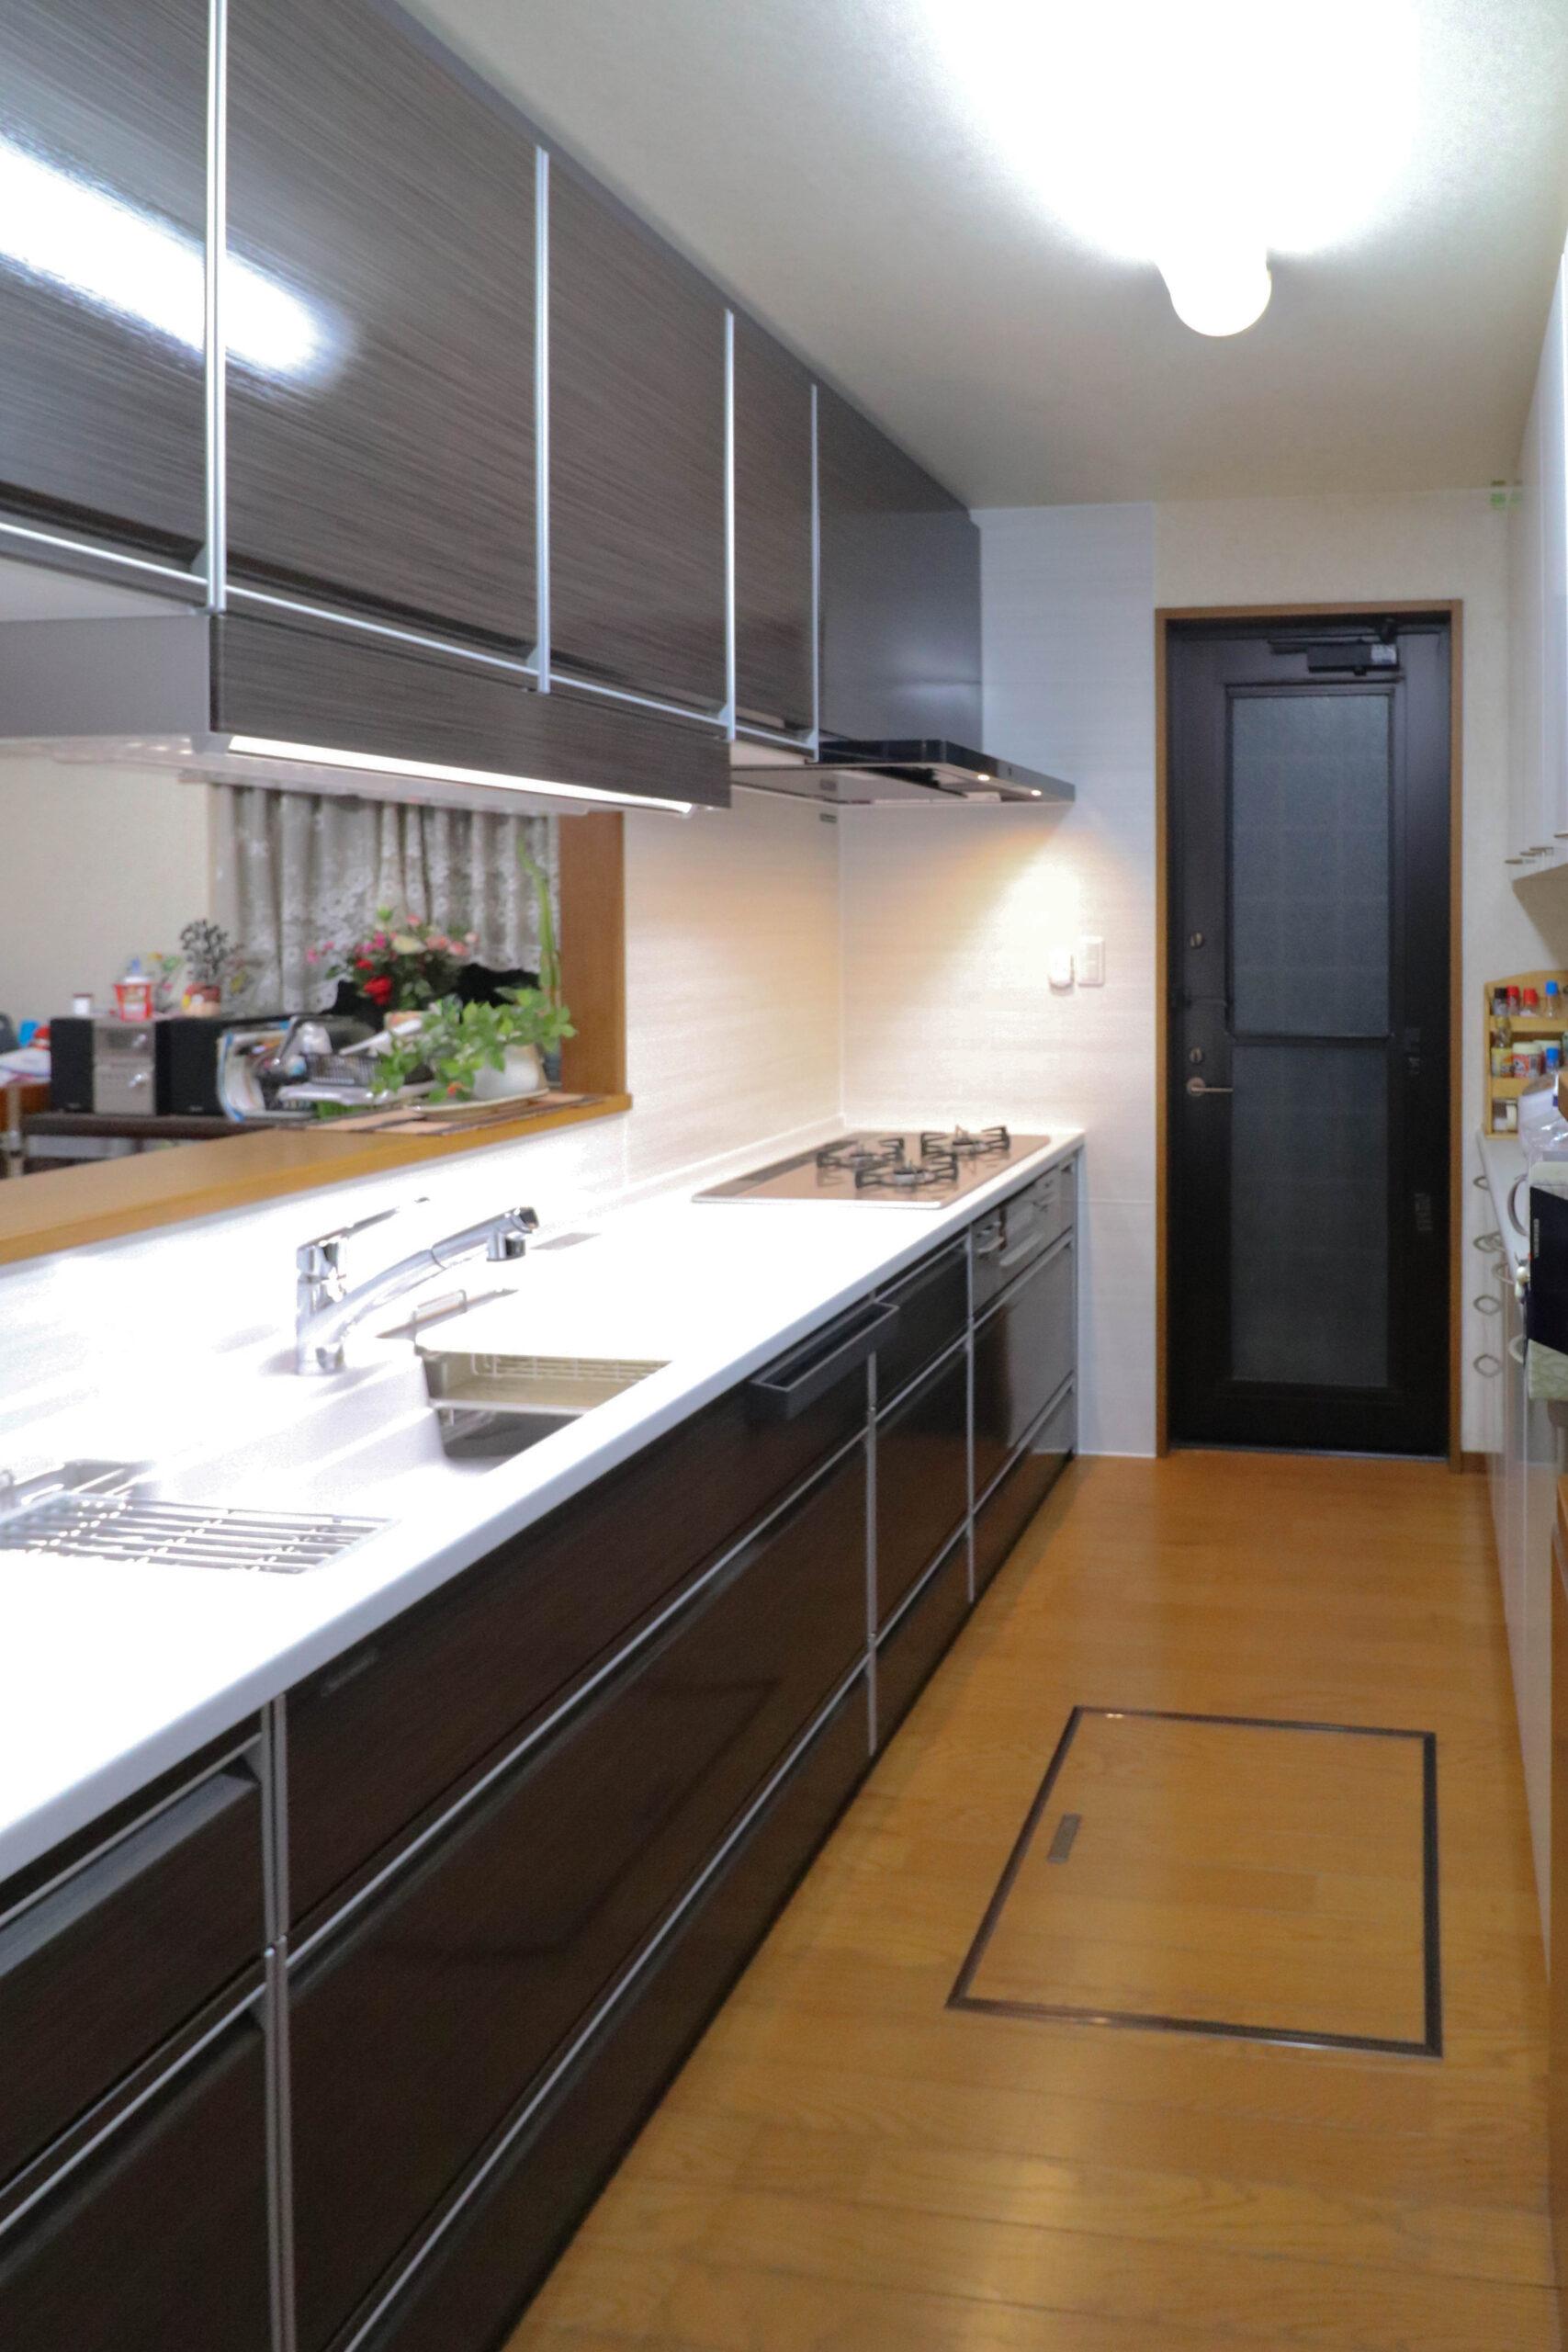 佐賀市大和町 A様 キッチン・トイレ改修工事『お掃除のしやすさにこだわった空間』